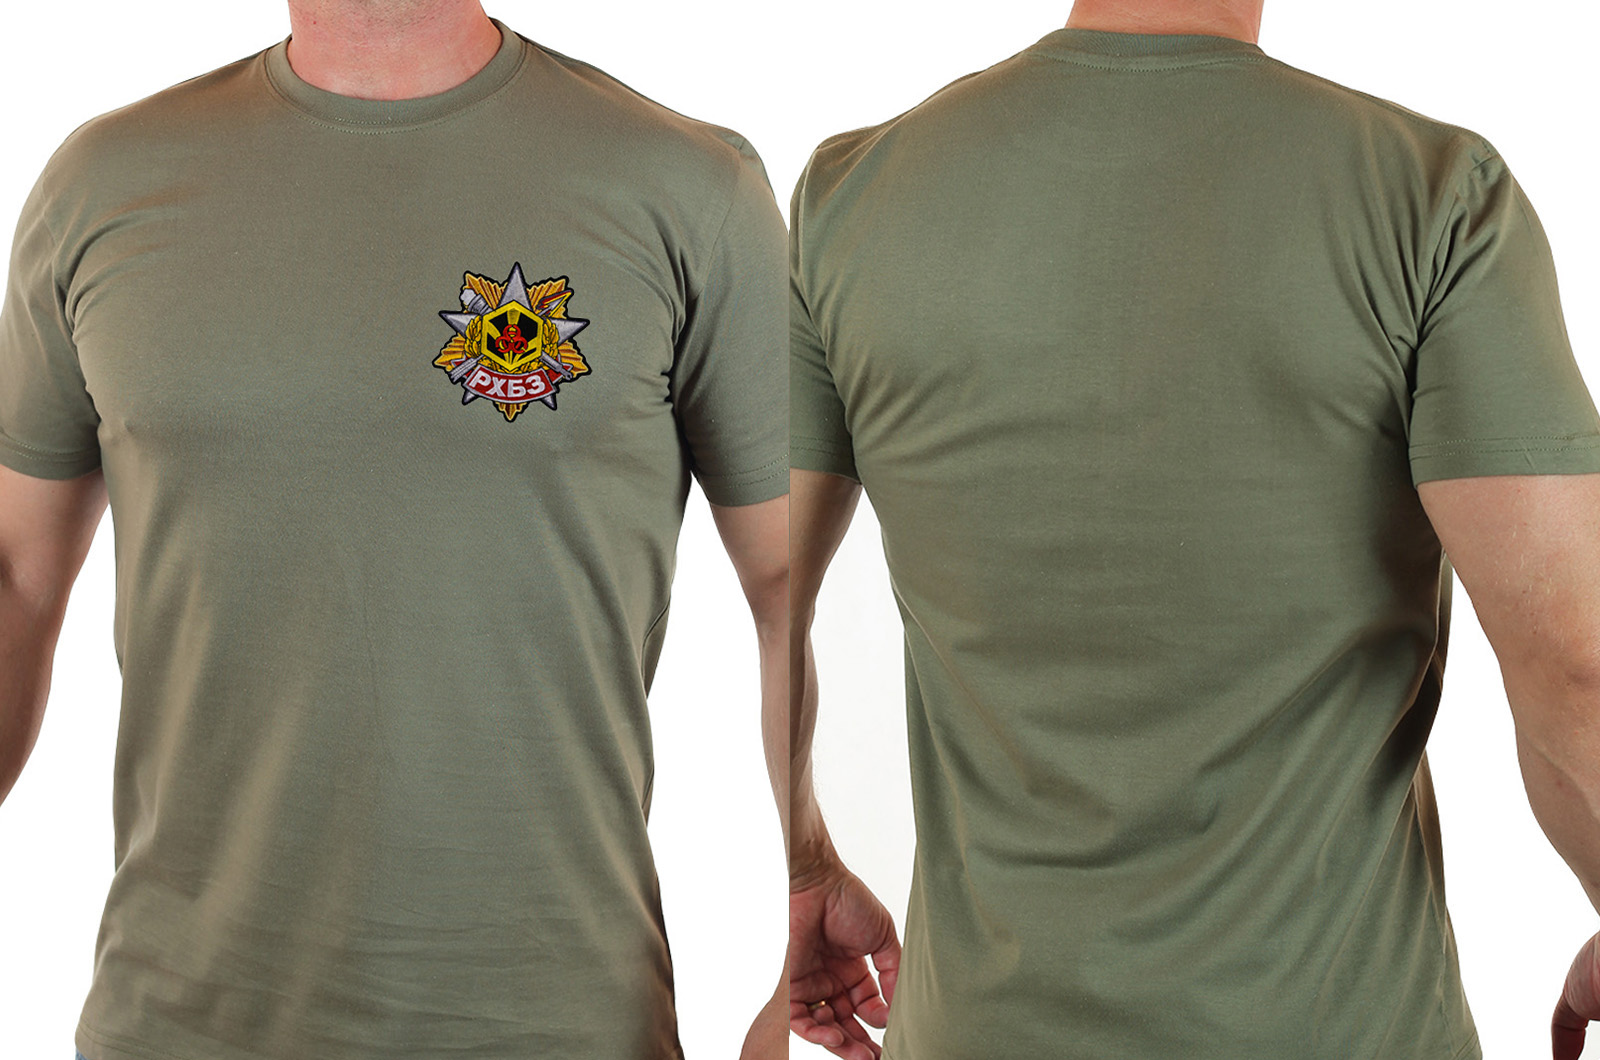 Мужская военная футболка РХБЗ с удобной доставкой